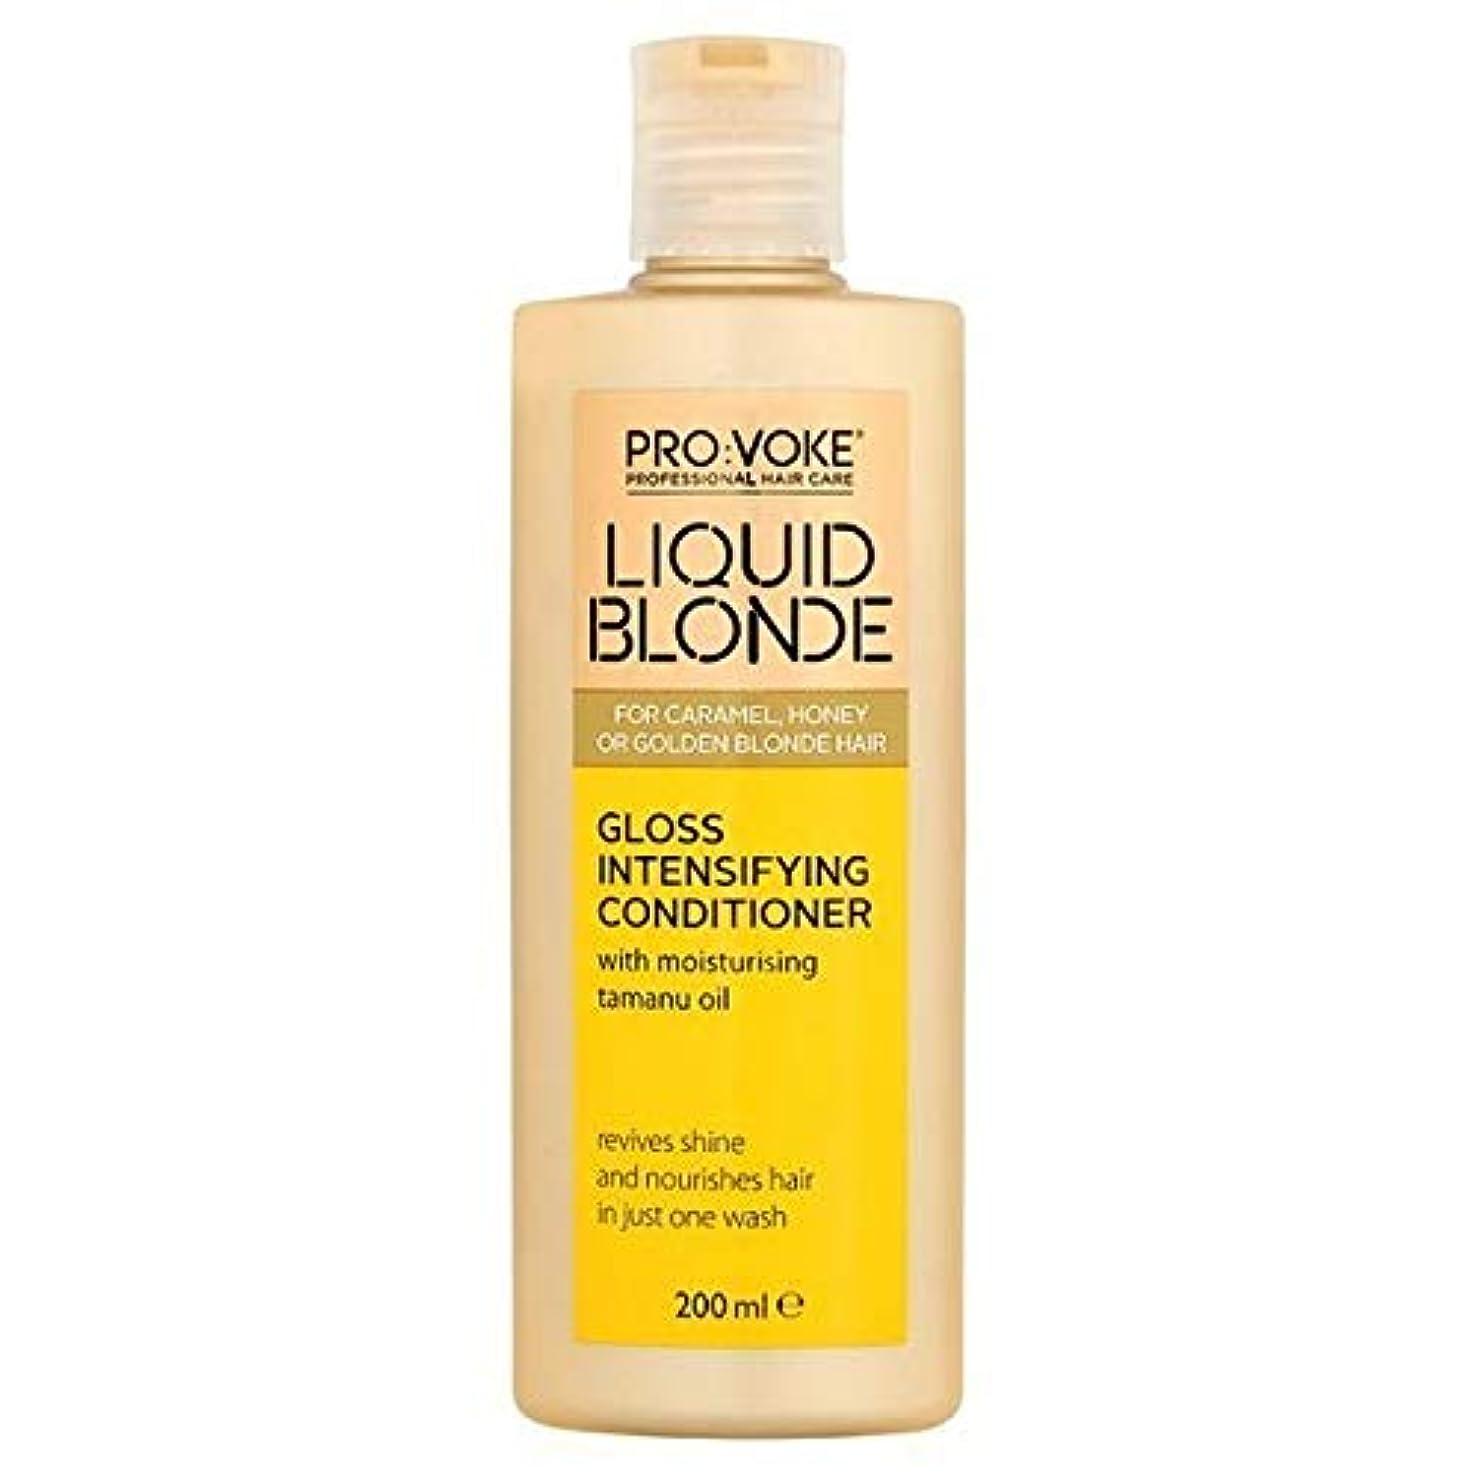 赤外線刺繍未払い[Pro:Voke] プロ:Voke液体ブロンド強烈な輝きコンディショナー - PRO:VOKE Liquid Blonde Intense Shine Conditioner [並行輸入品]